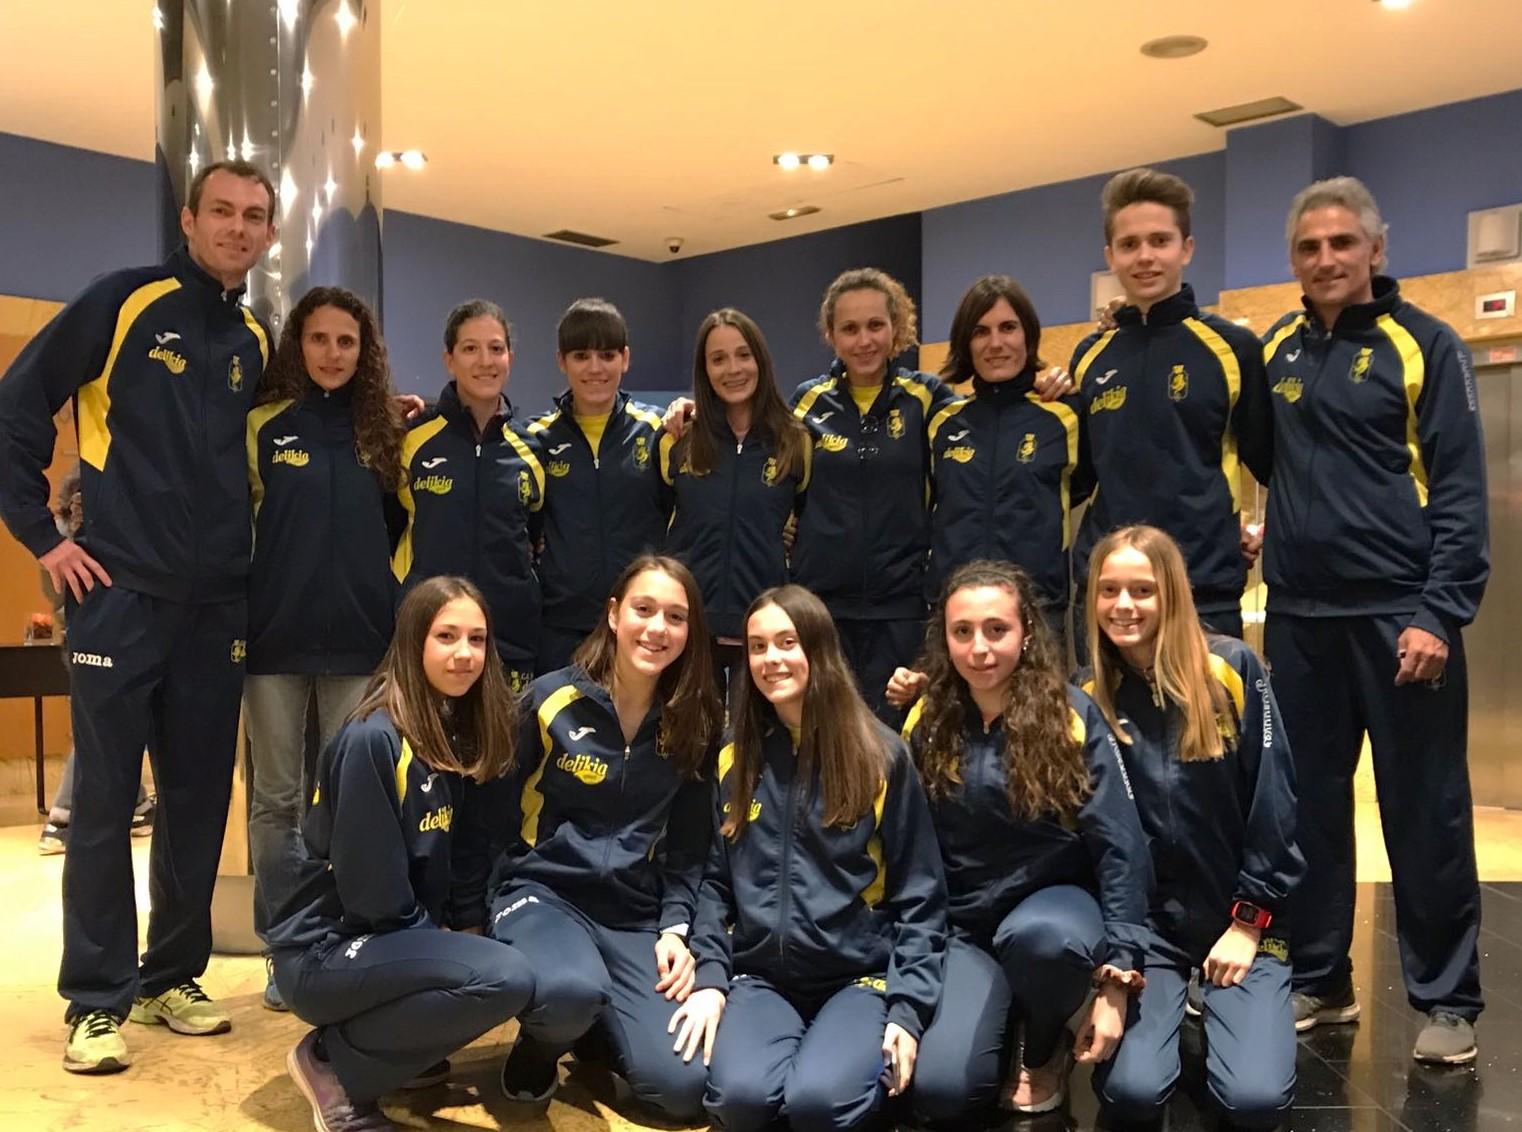 Les xiques dels equips cadet i absolut amb els seus entrenadors desplaçats a Gijon, a l'hotel.